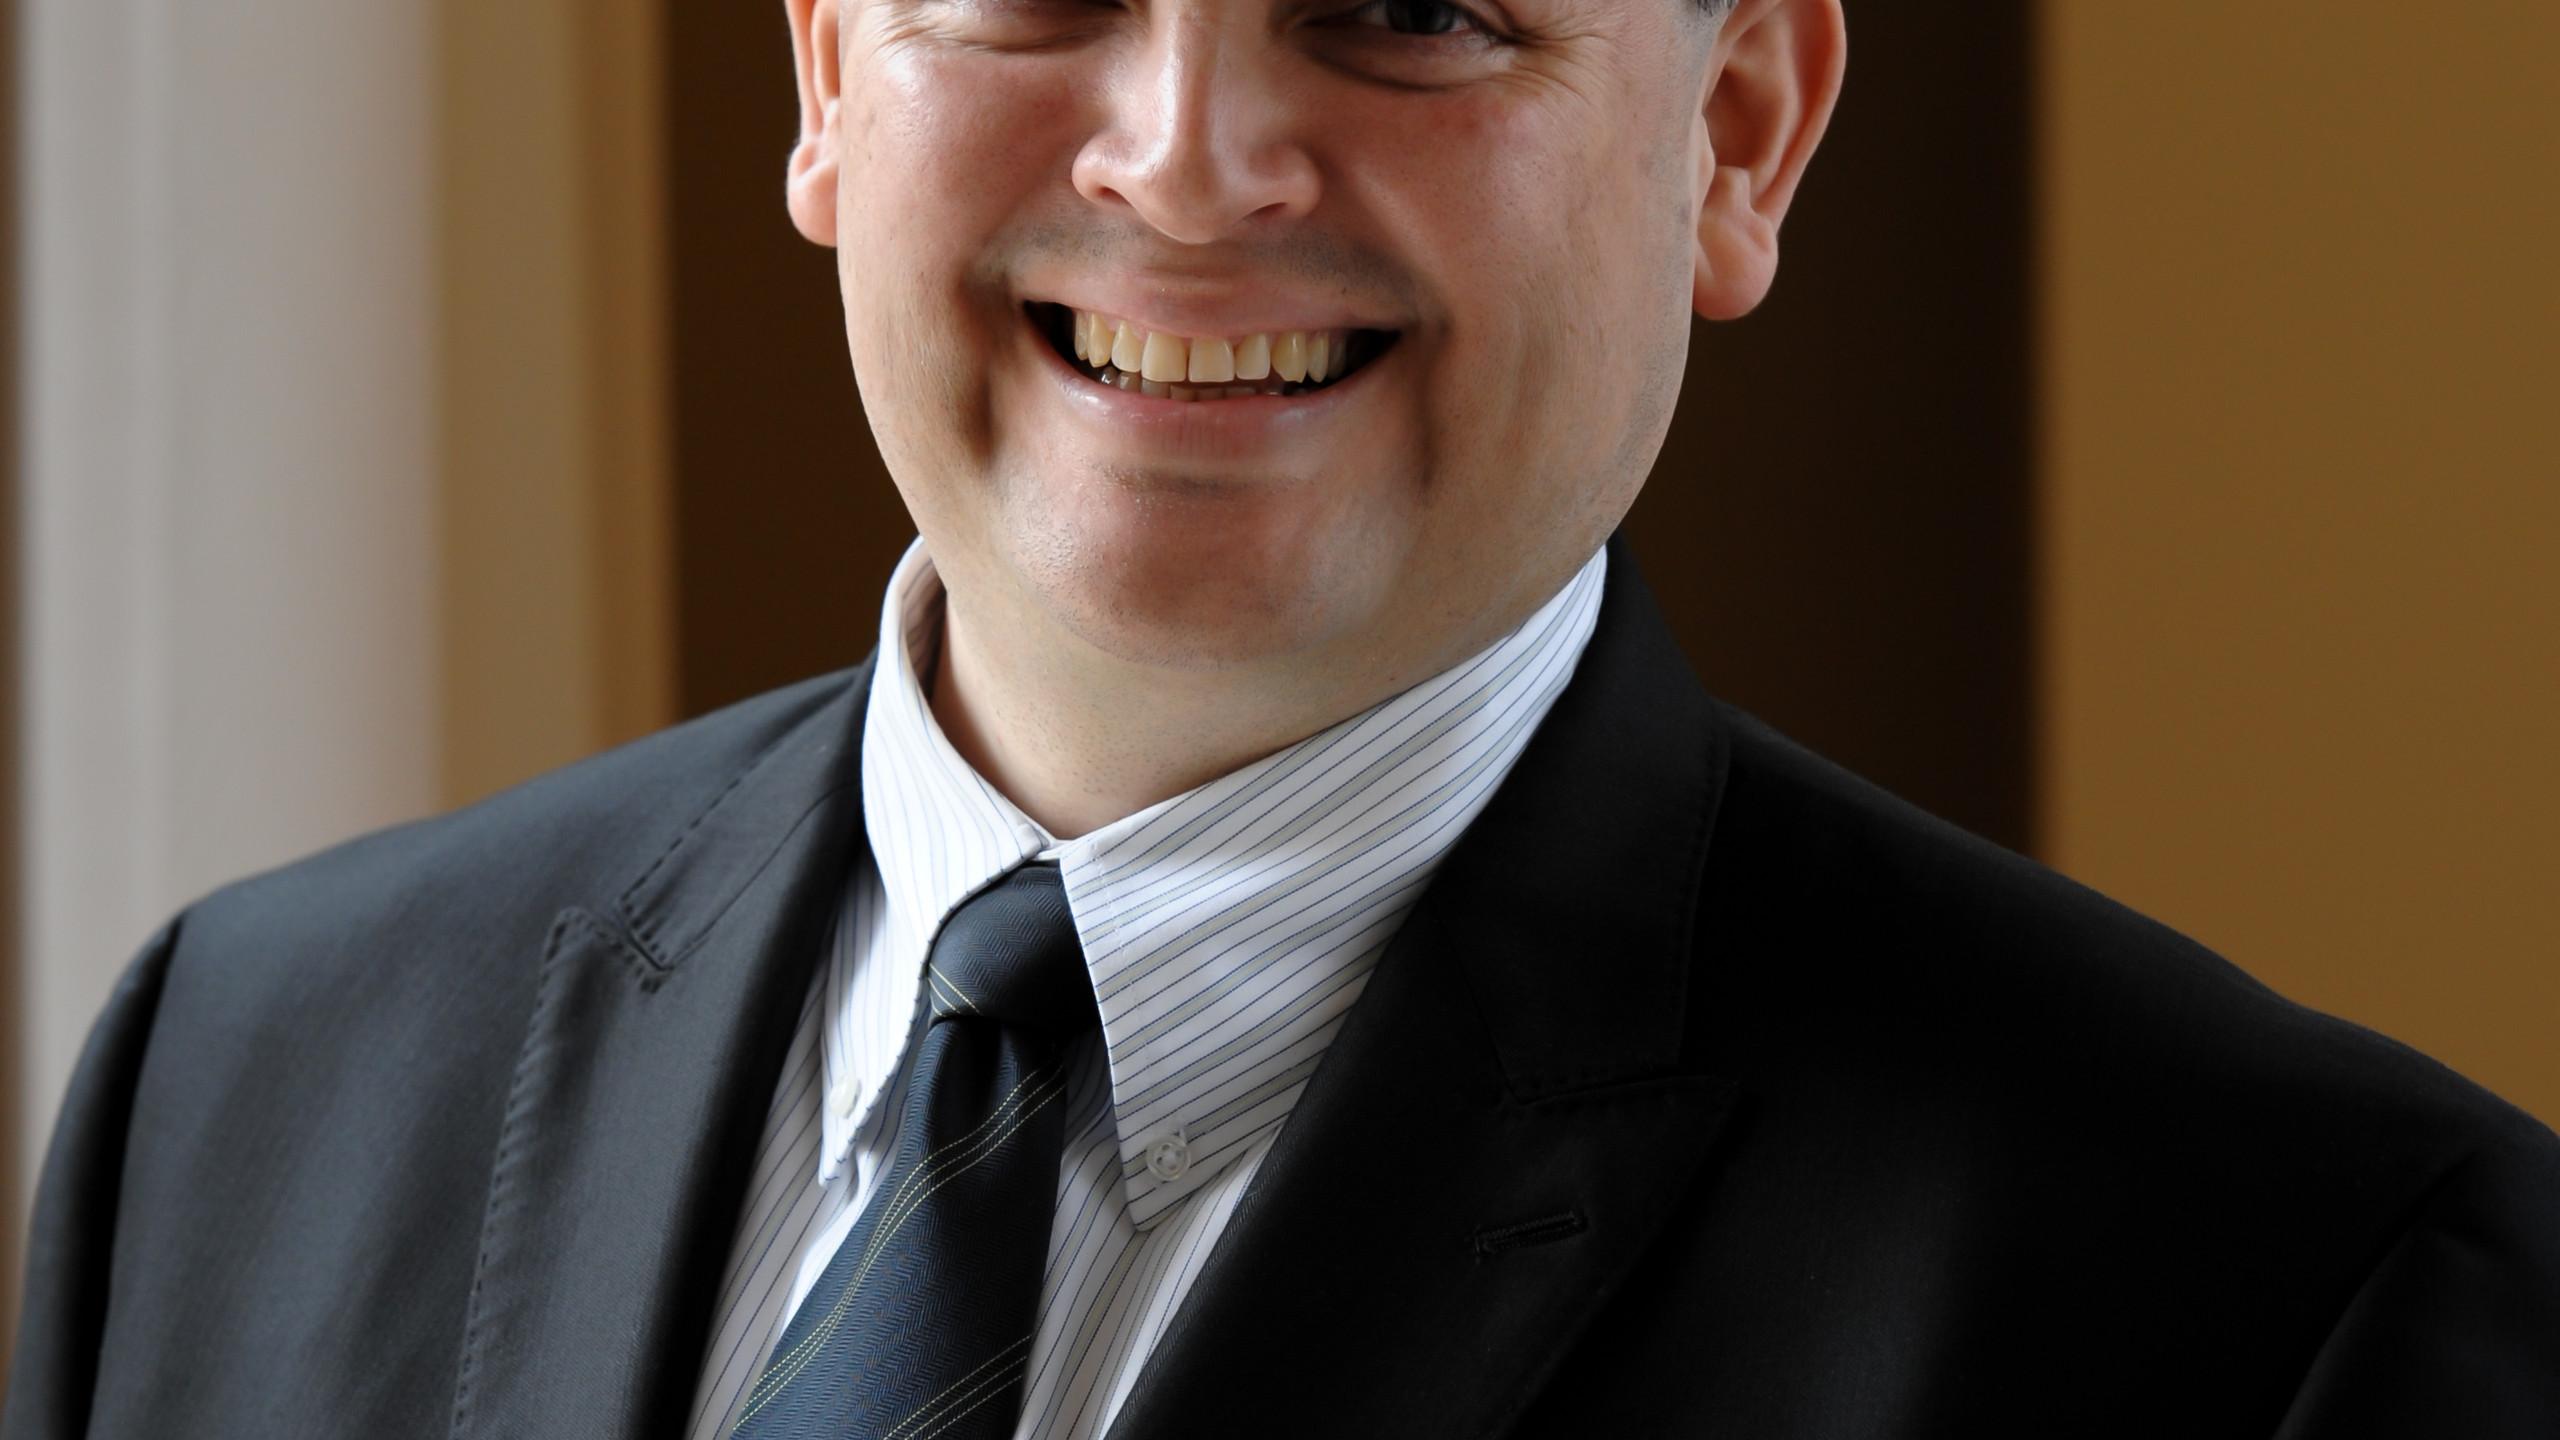 Luis W. Moyano